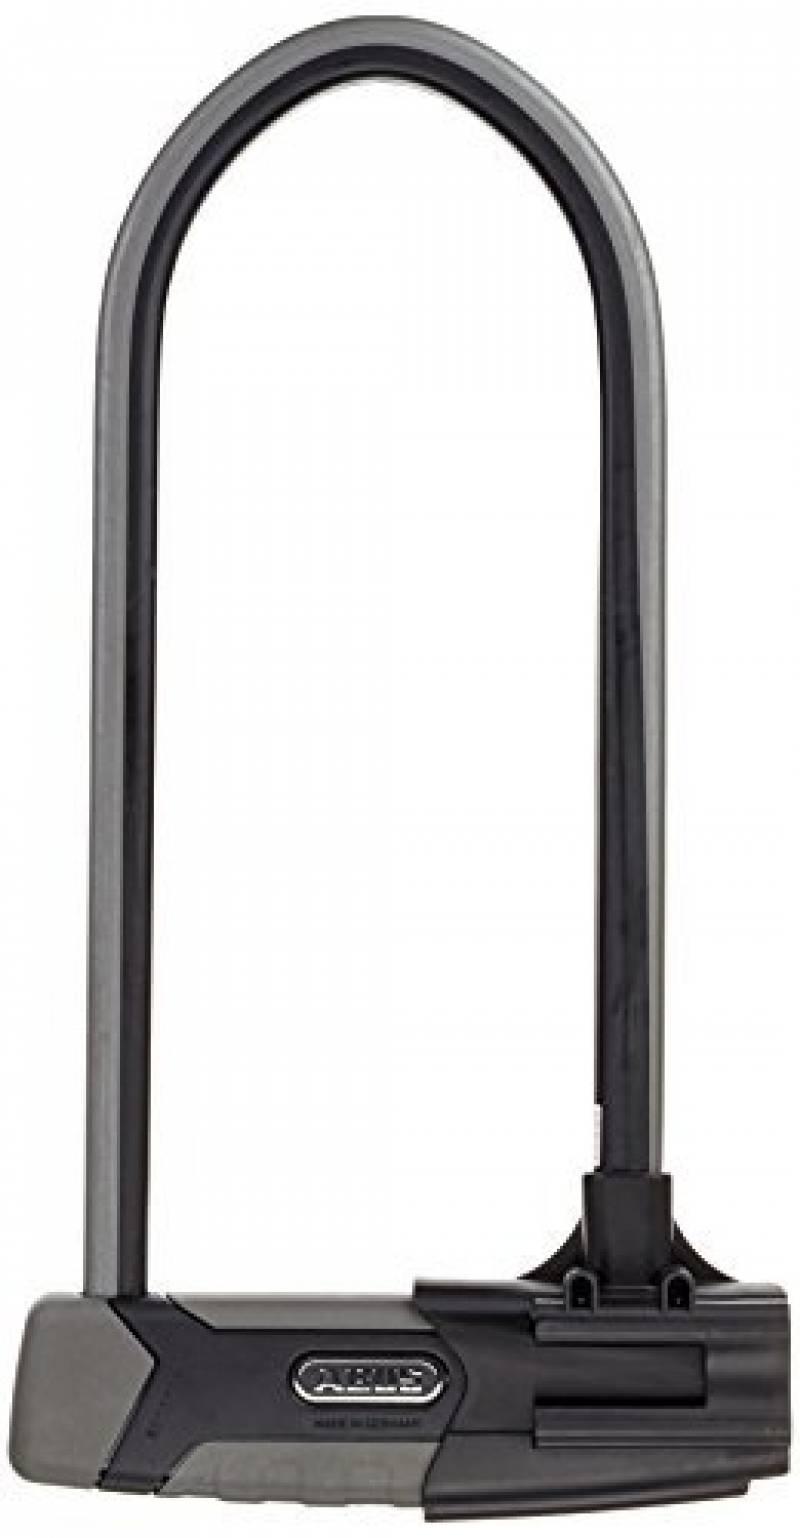 c/âble Noir 23 120 cm Abus Sinus Plus Antivol